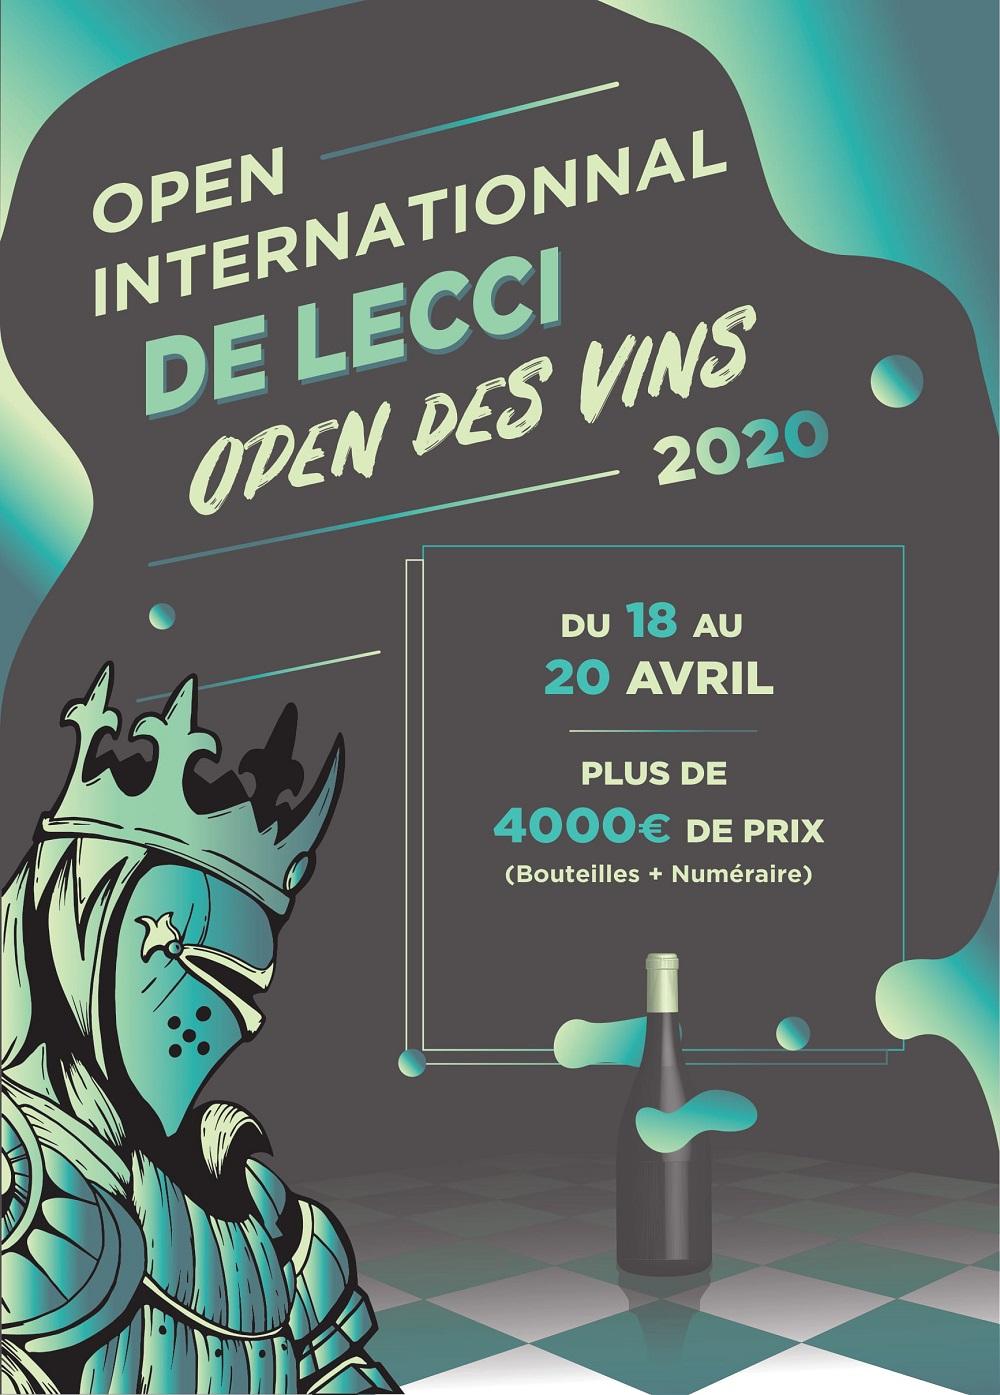 Open International de Lecci 2020 - 2e Open des Vins